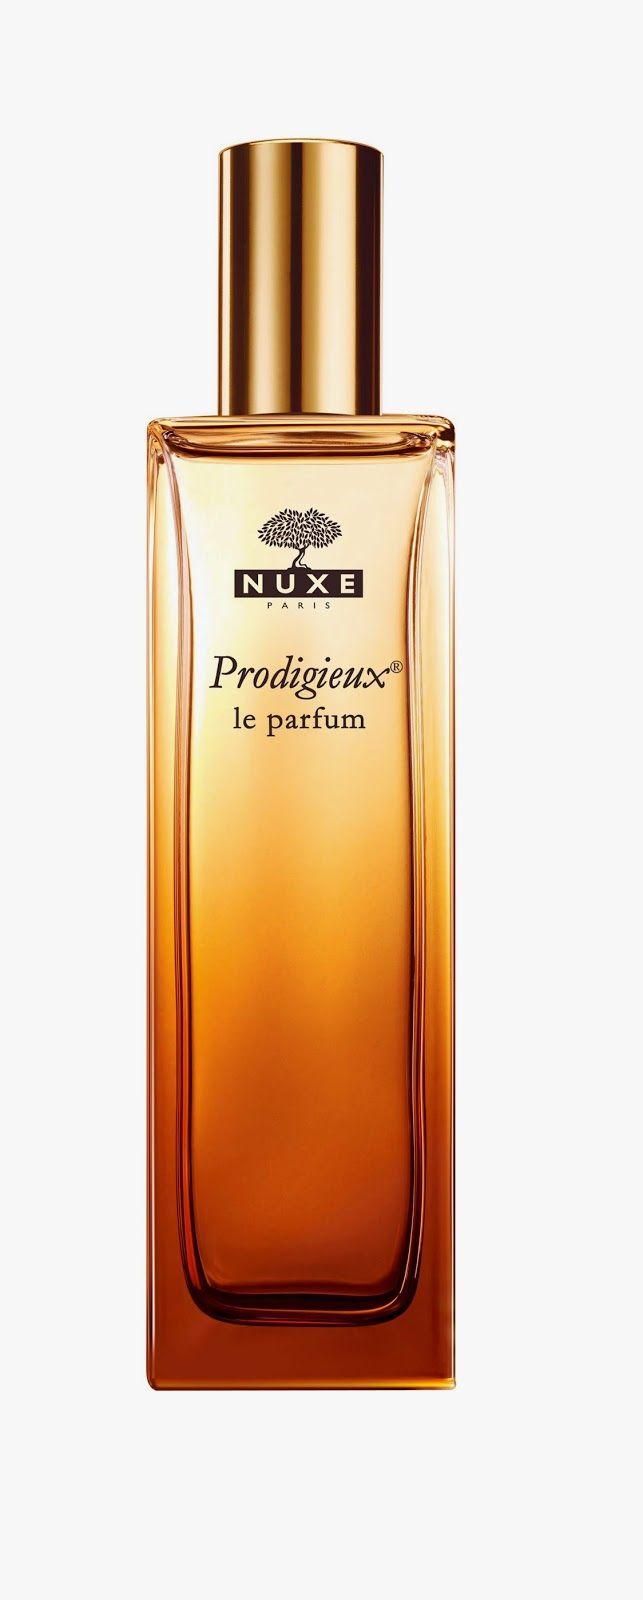 Hayat Reçeli: Kozmetik, Makyaj, Bakım ve  Kadın Bloğu: Nuxe' den Muhteşem Bir Parfüm ''Prodigieux le Parf...